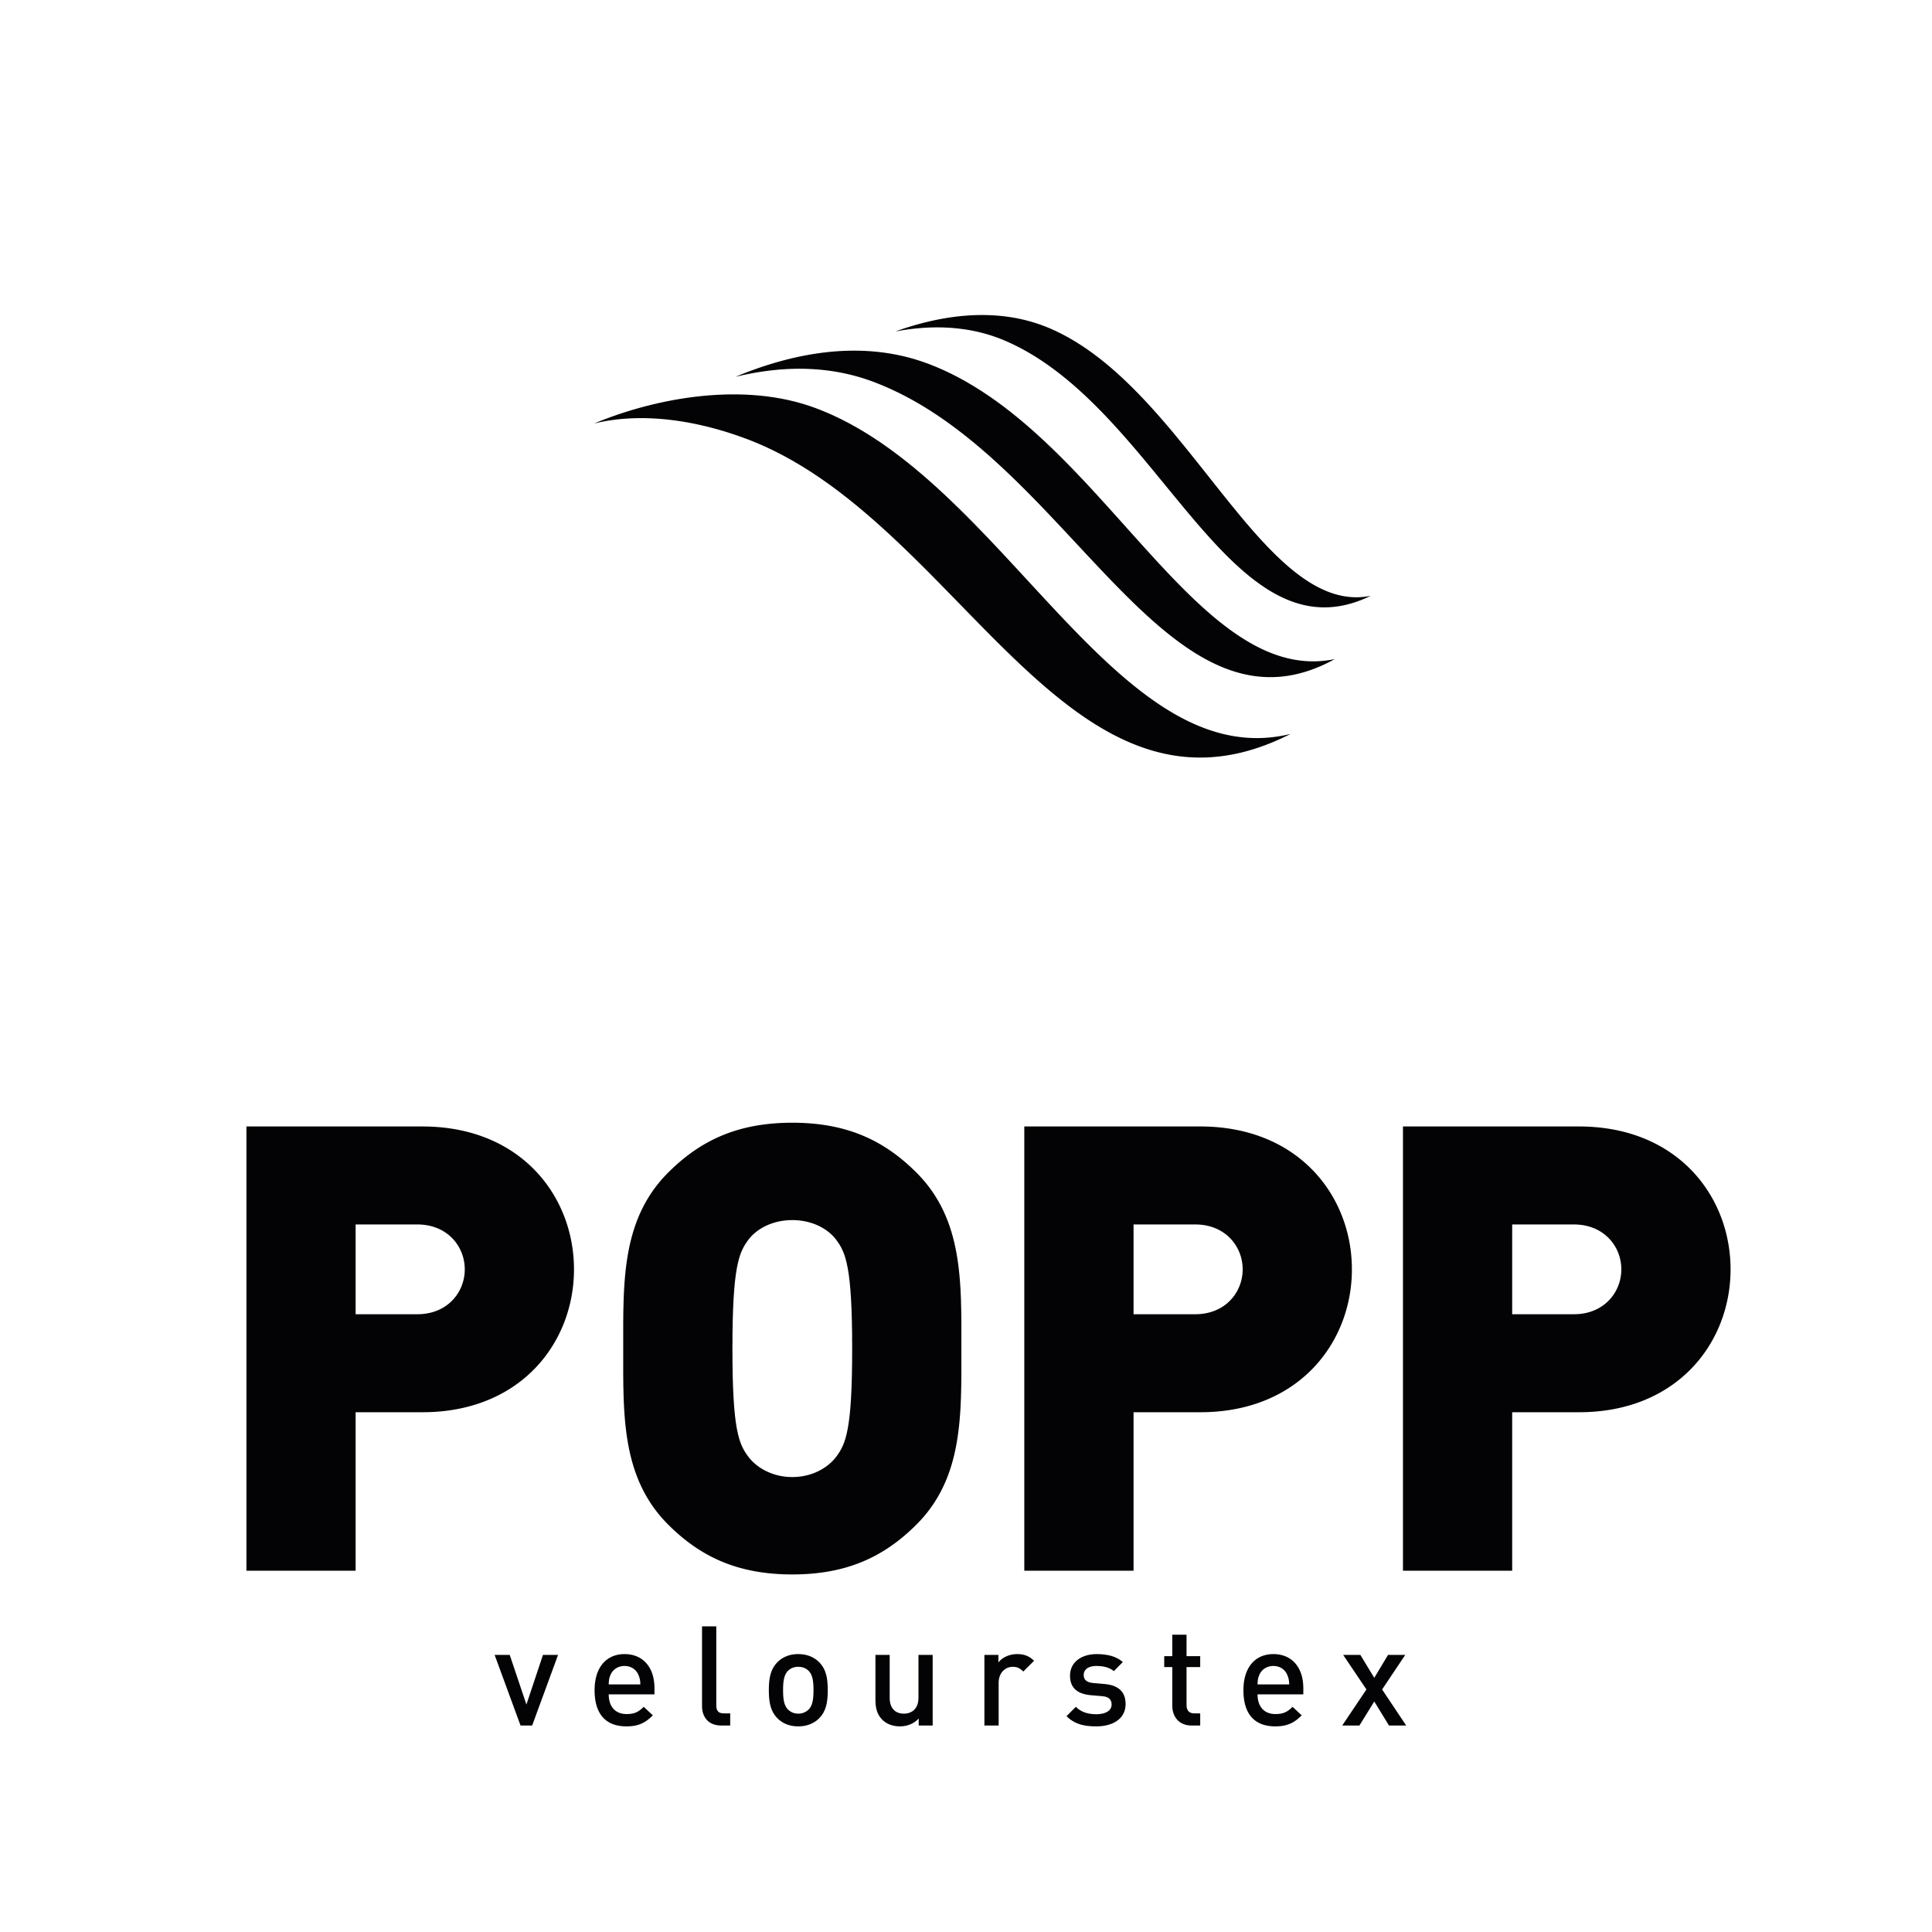 POPP Velourstex Logo